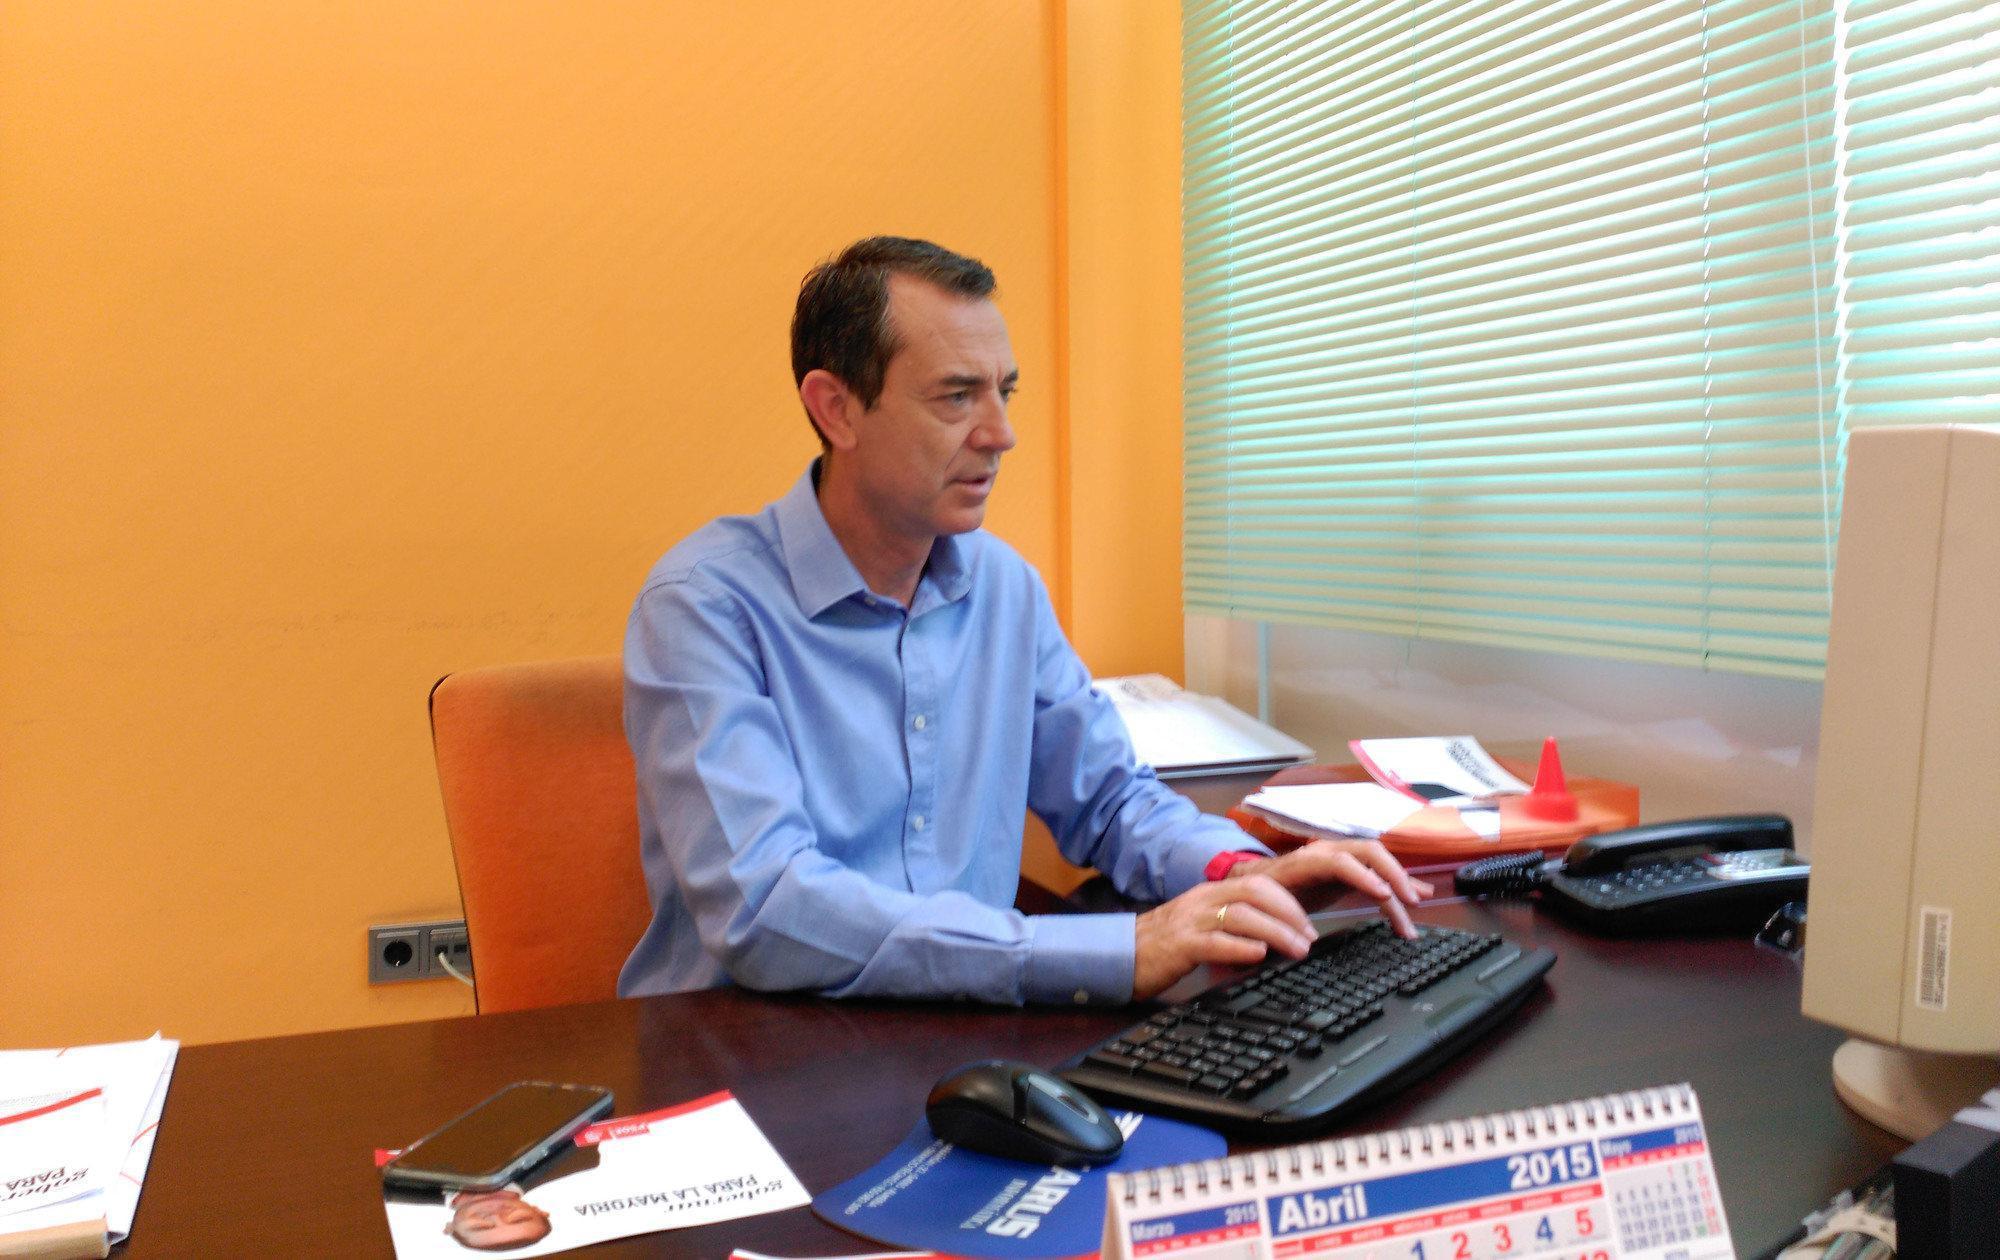 El candidato Juan Carlos Pérez Navas responde a los lectores de Noticias de Almería